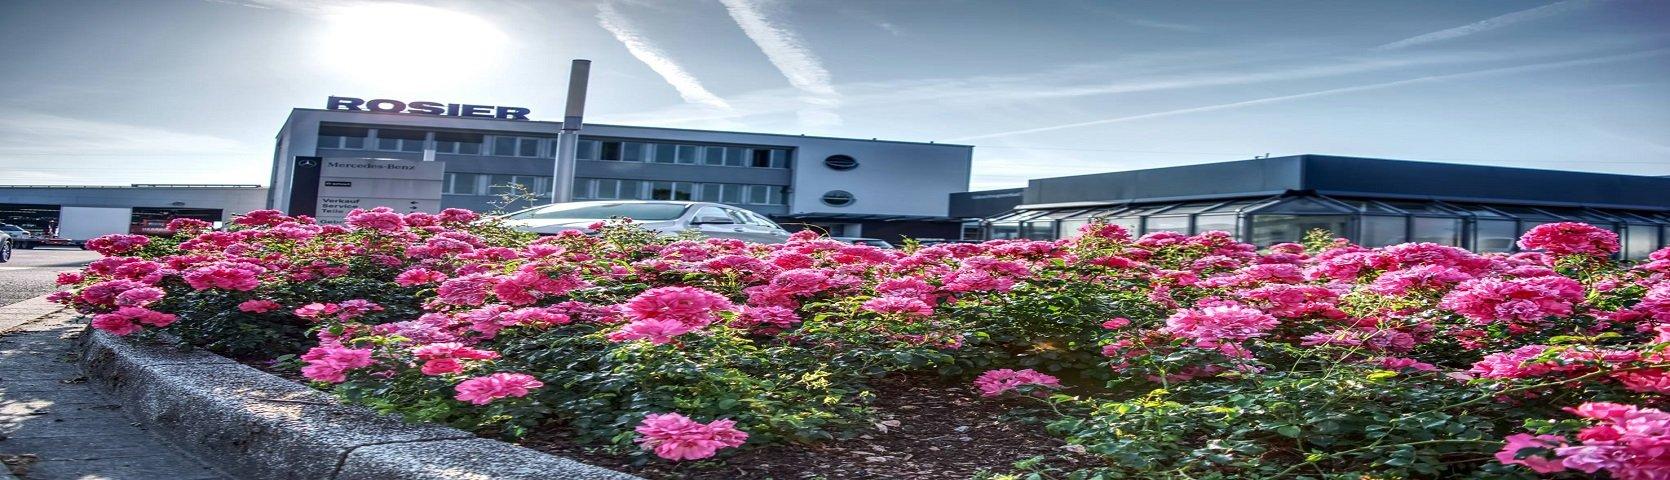 Autohaus Heinrich Rosier GmbH